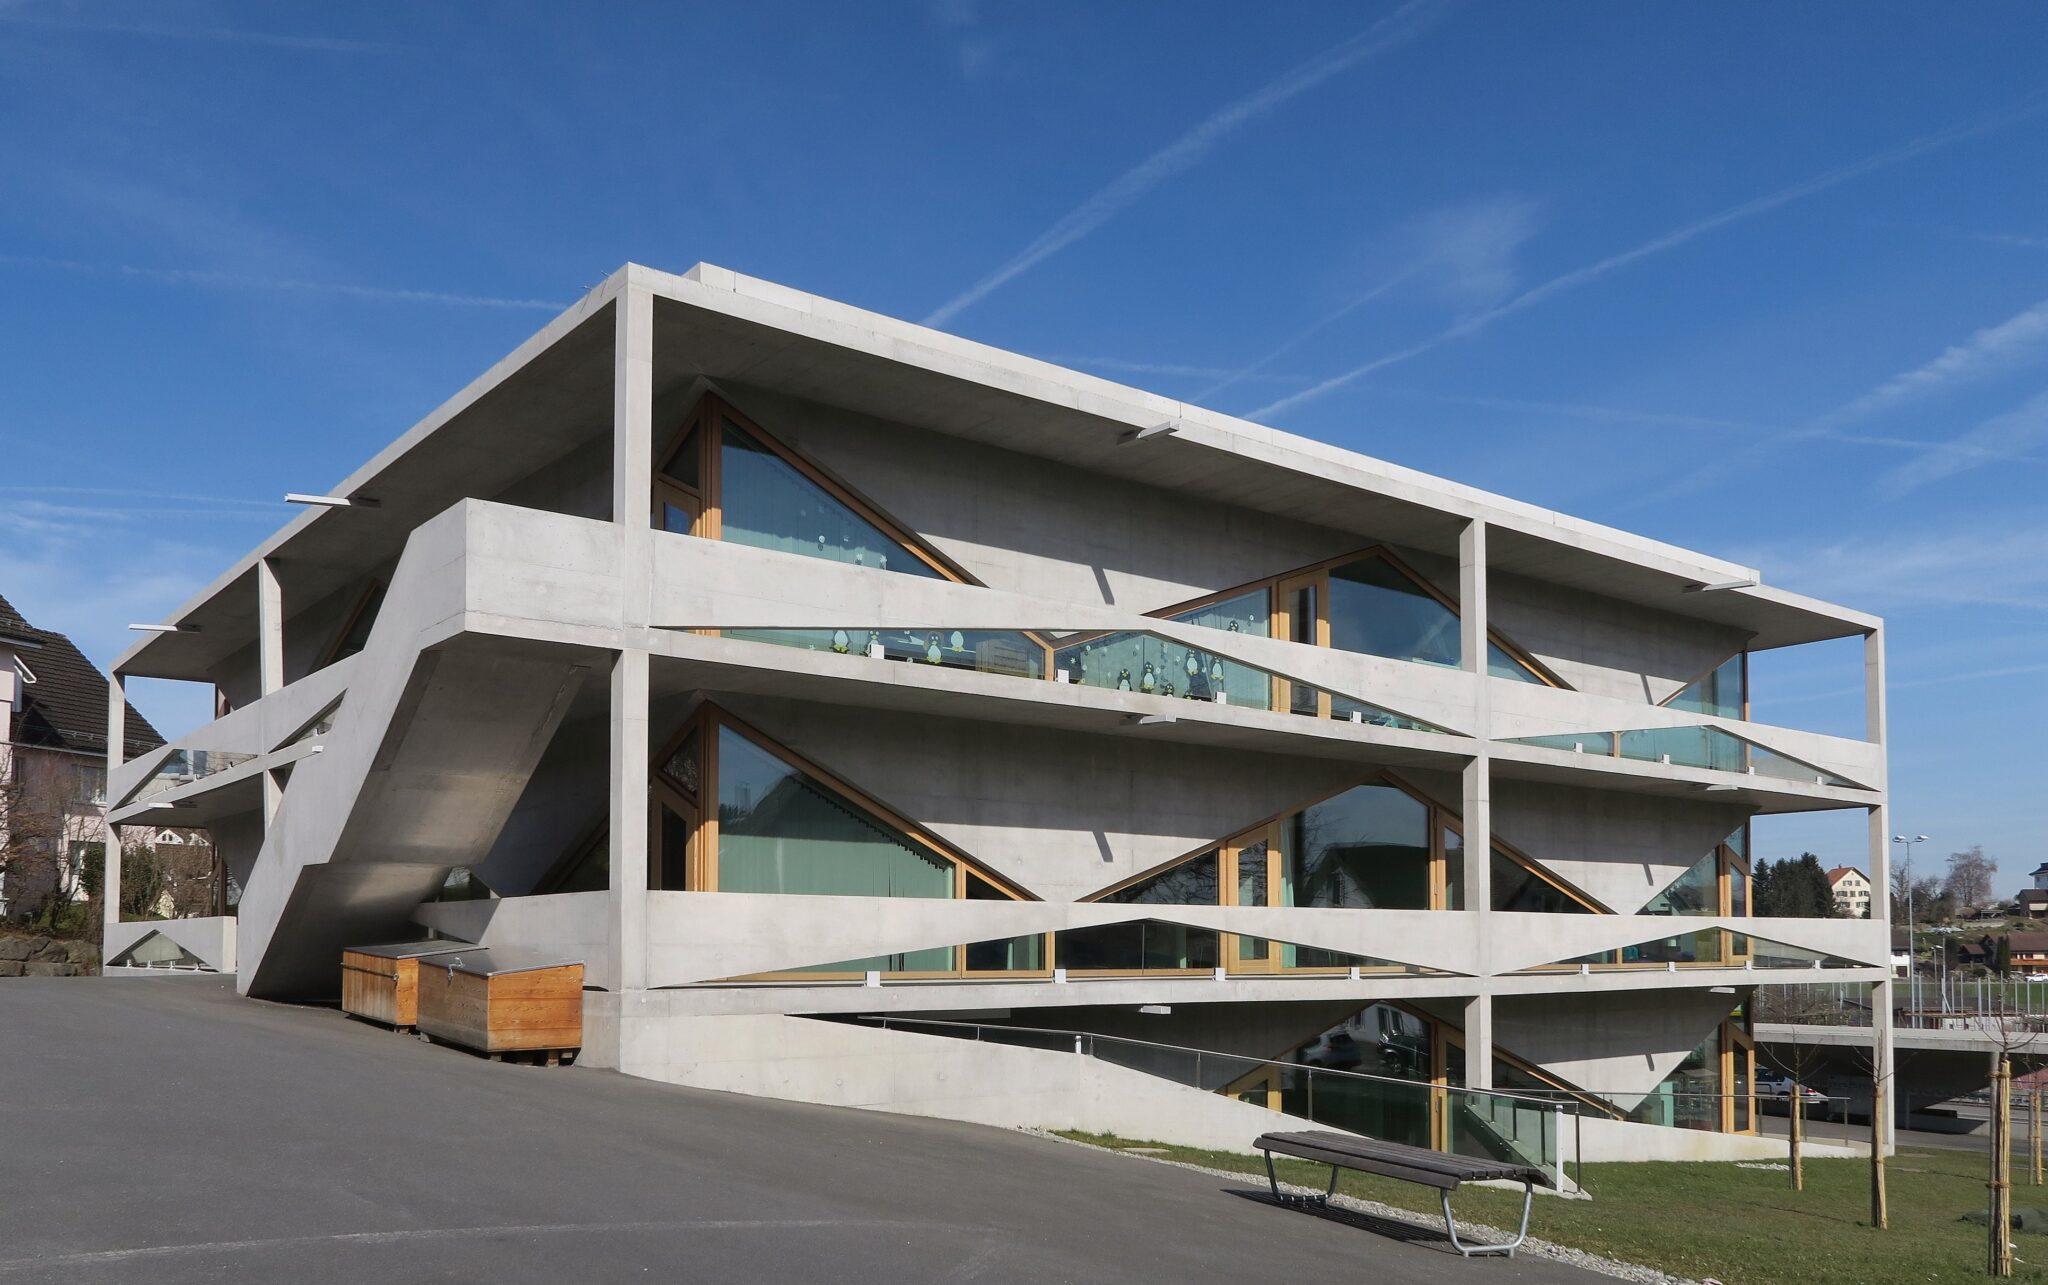 Aussenansicht von der seite oder von hinten des modernen Schulgebäudes aus Beton.